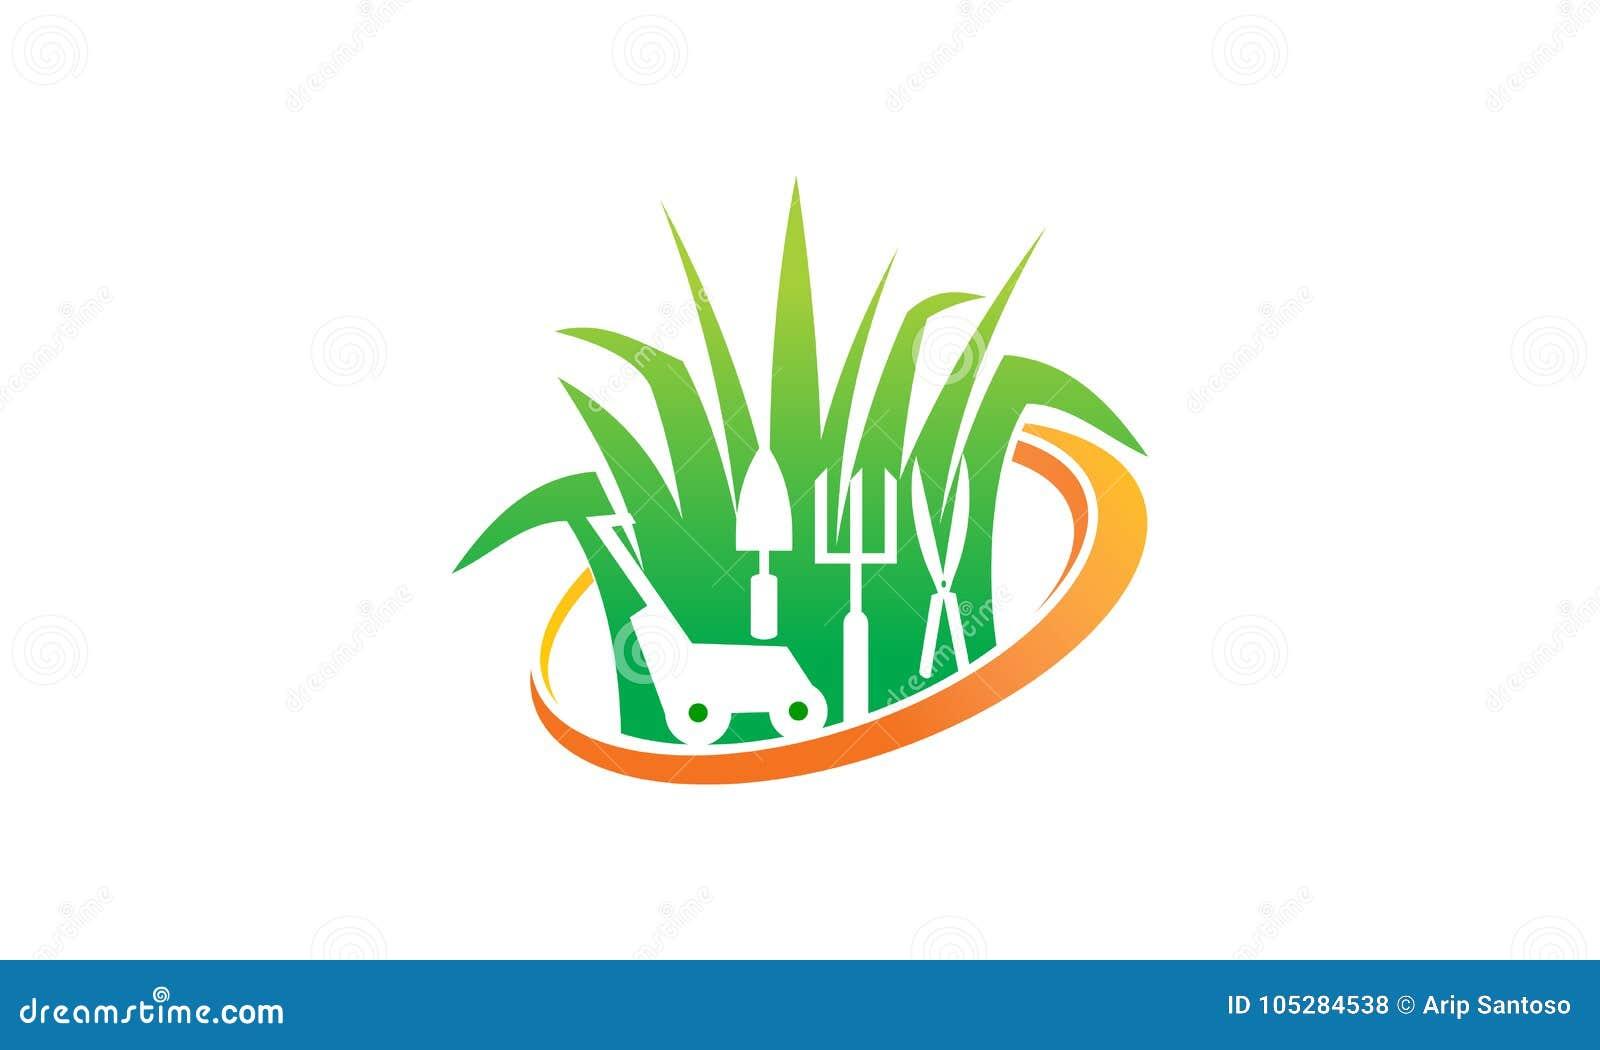 lawn care logo design free